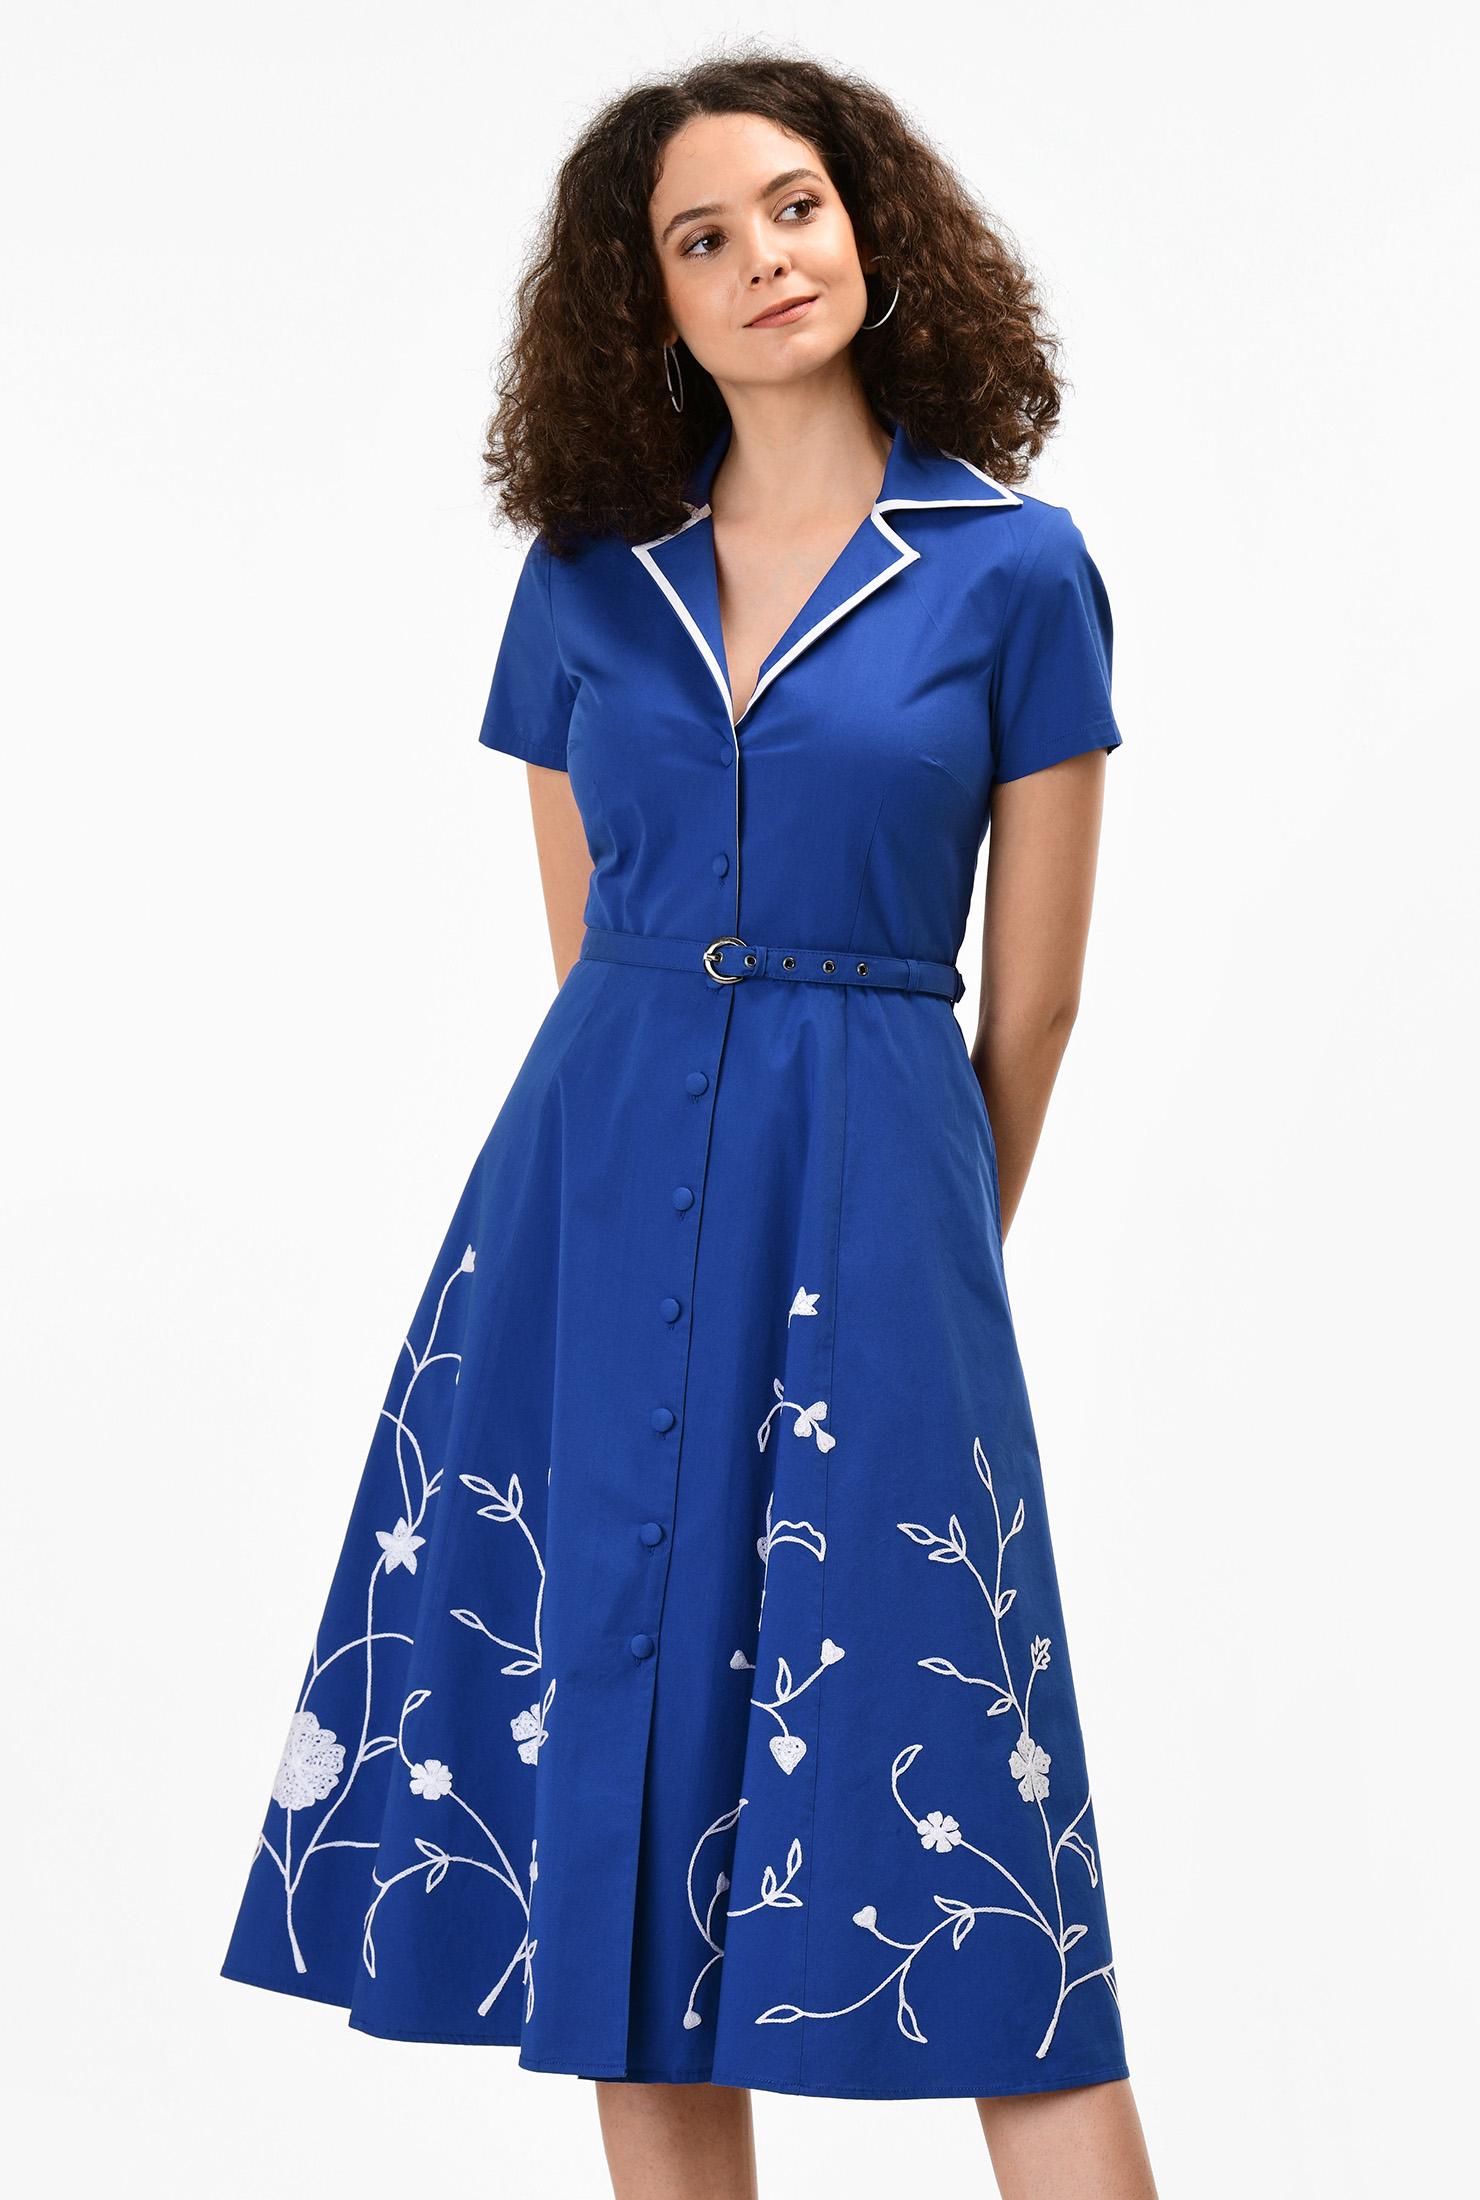 1950s Swing Dresses | 50s Swing Dress Floral embellished stretch poplin shirtdress $69.95 AT vintagedancer.com